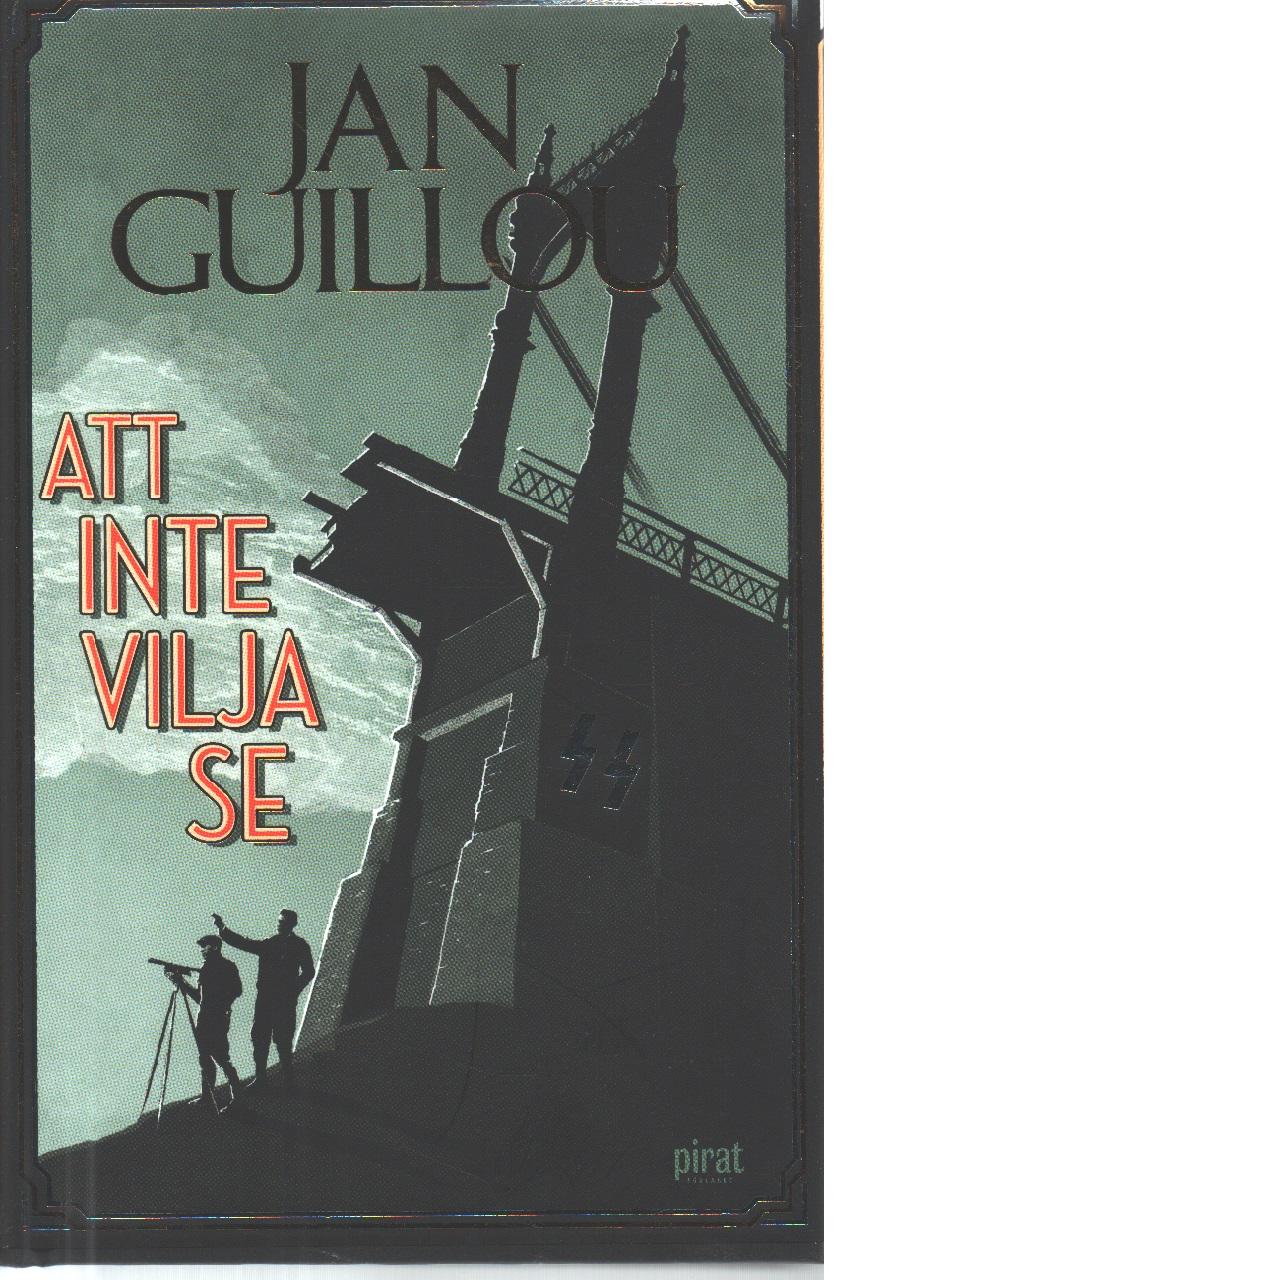 Att inte vilja se - Guillou, Jan